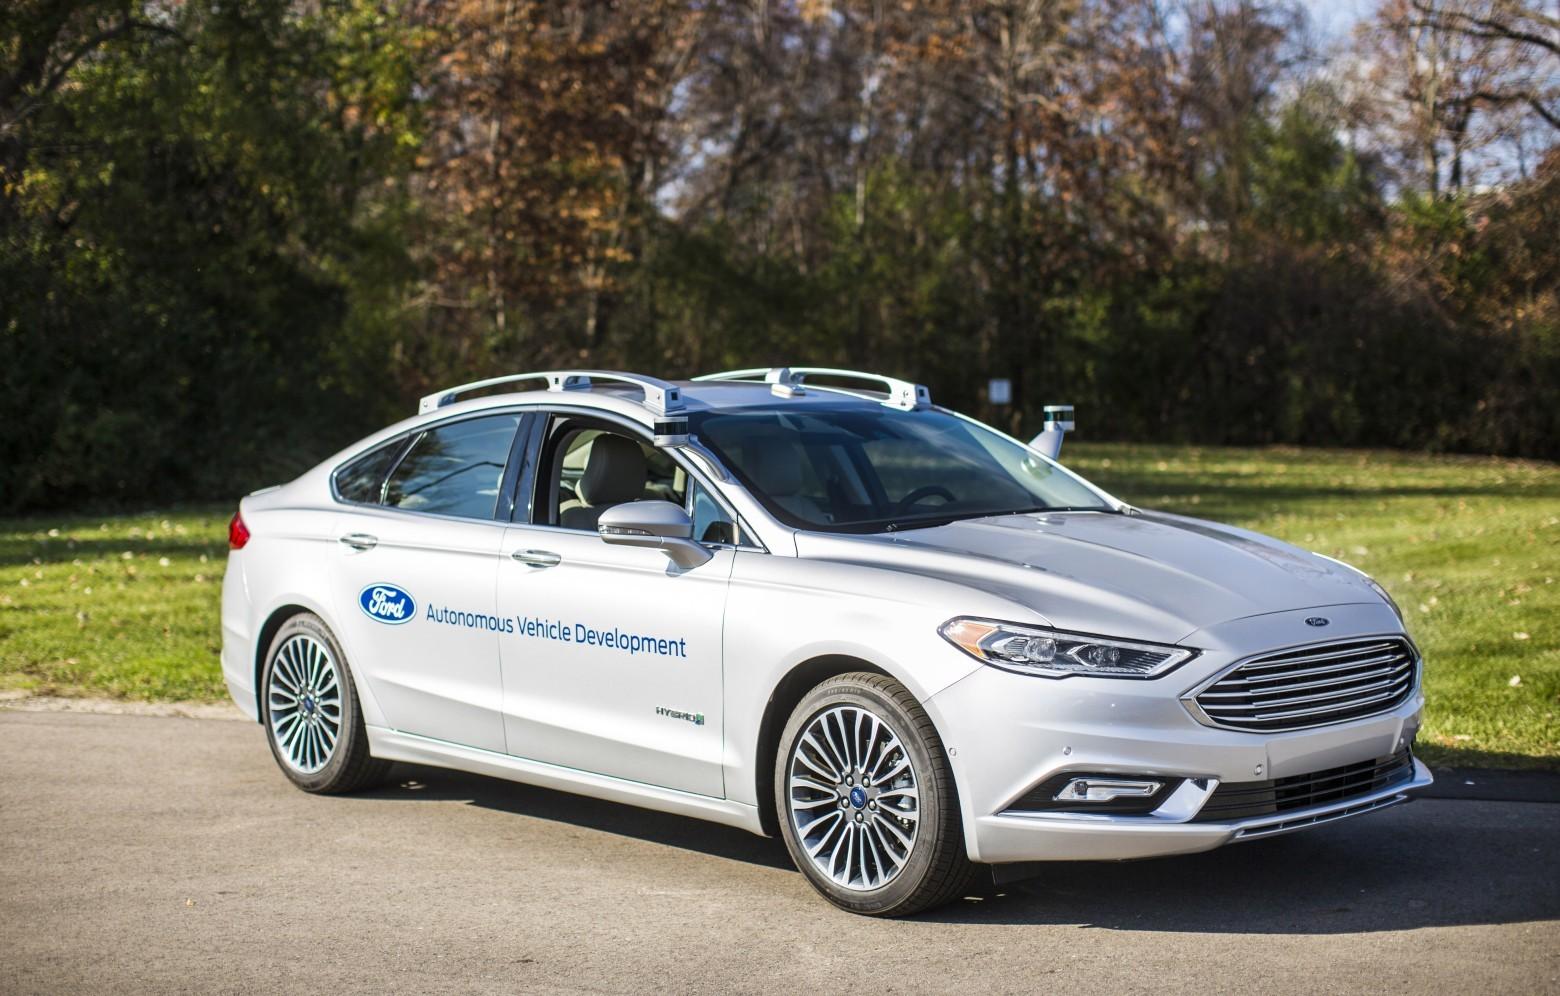 Новые беспилотники Ford копируют человеческое вождение - 1